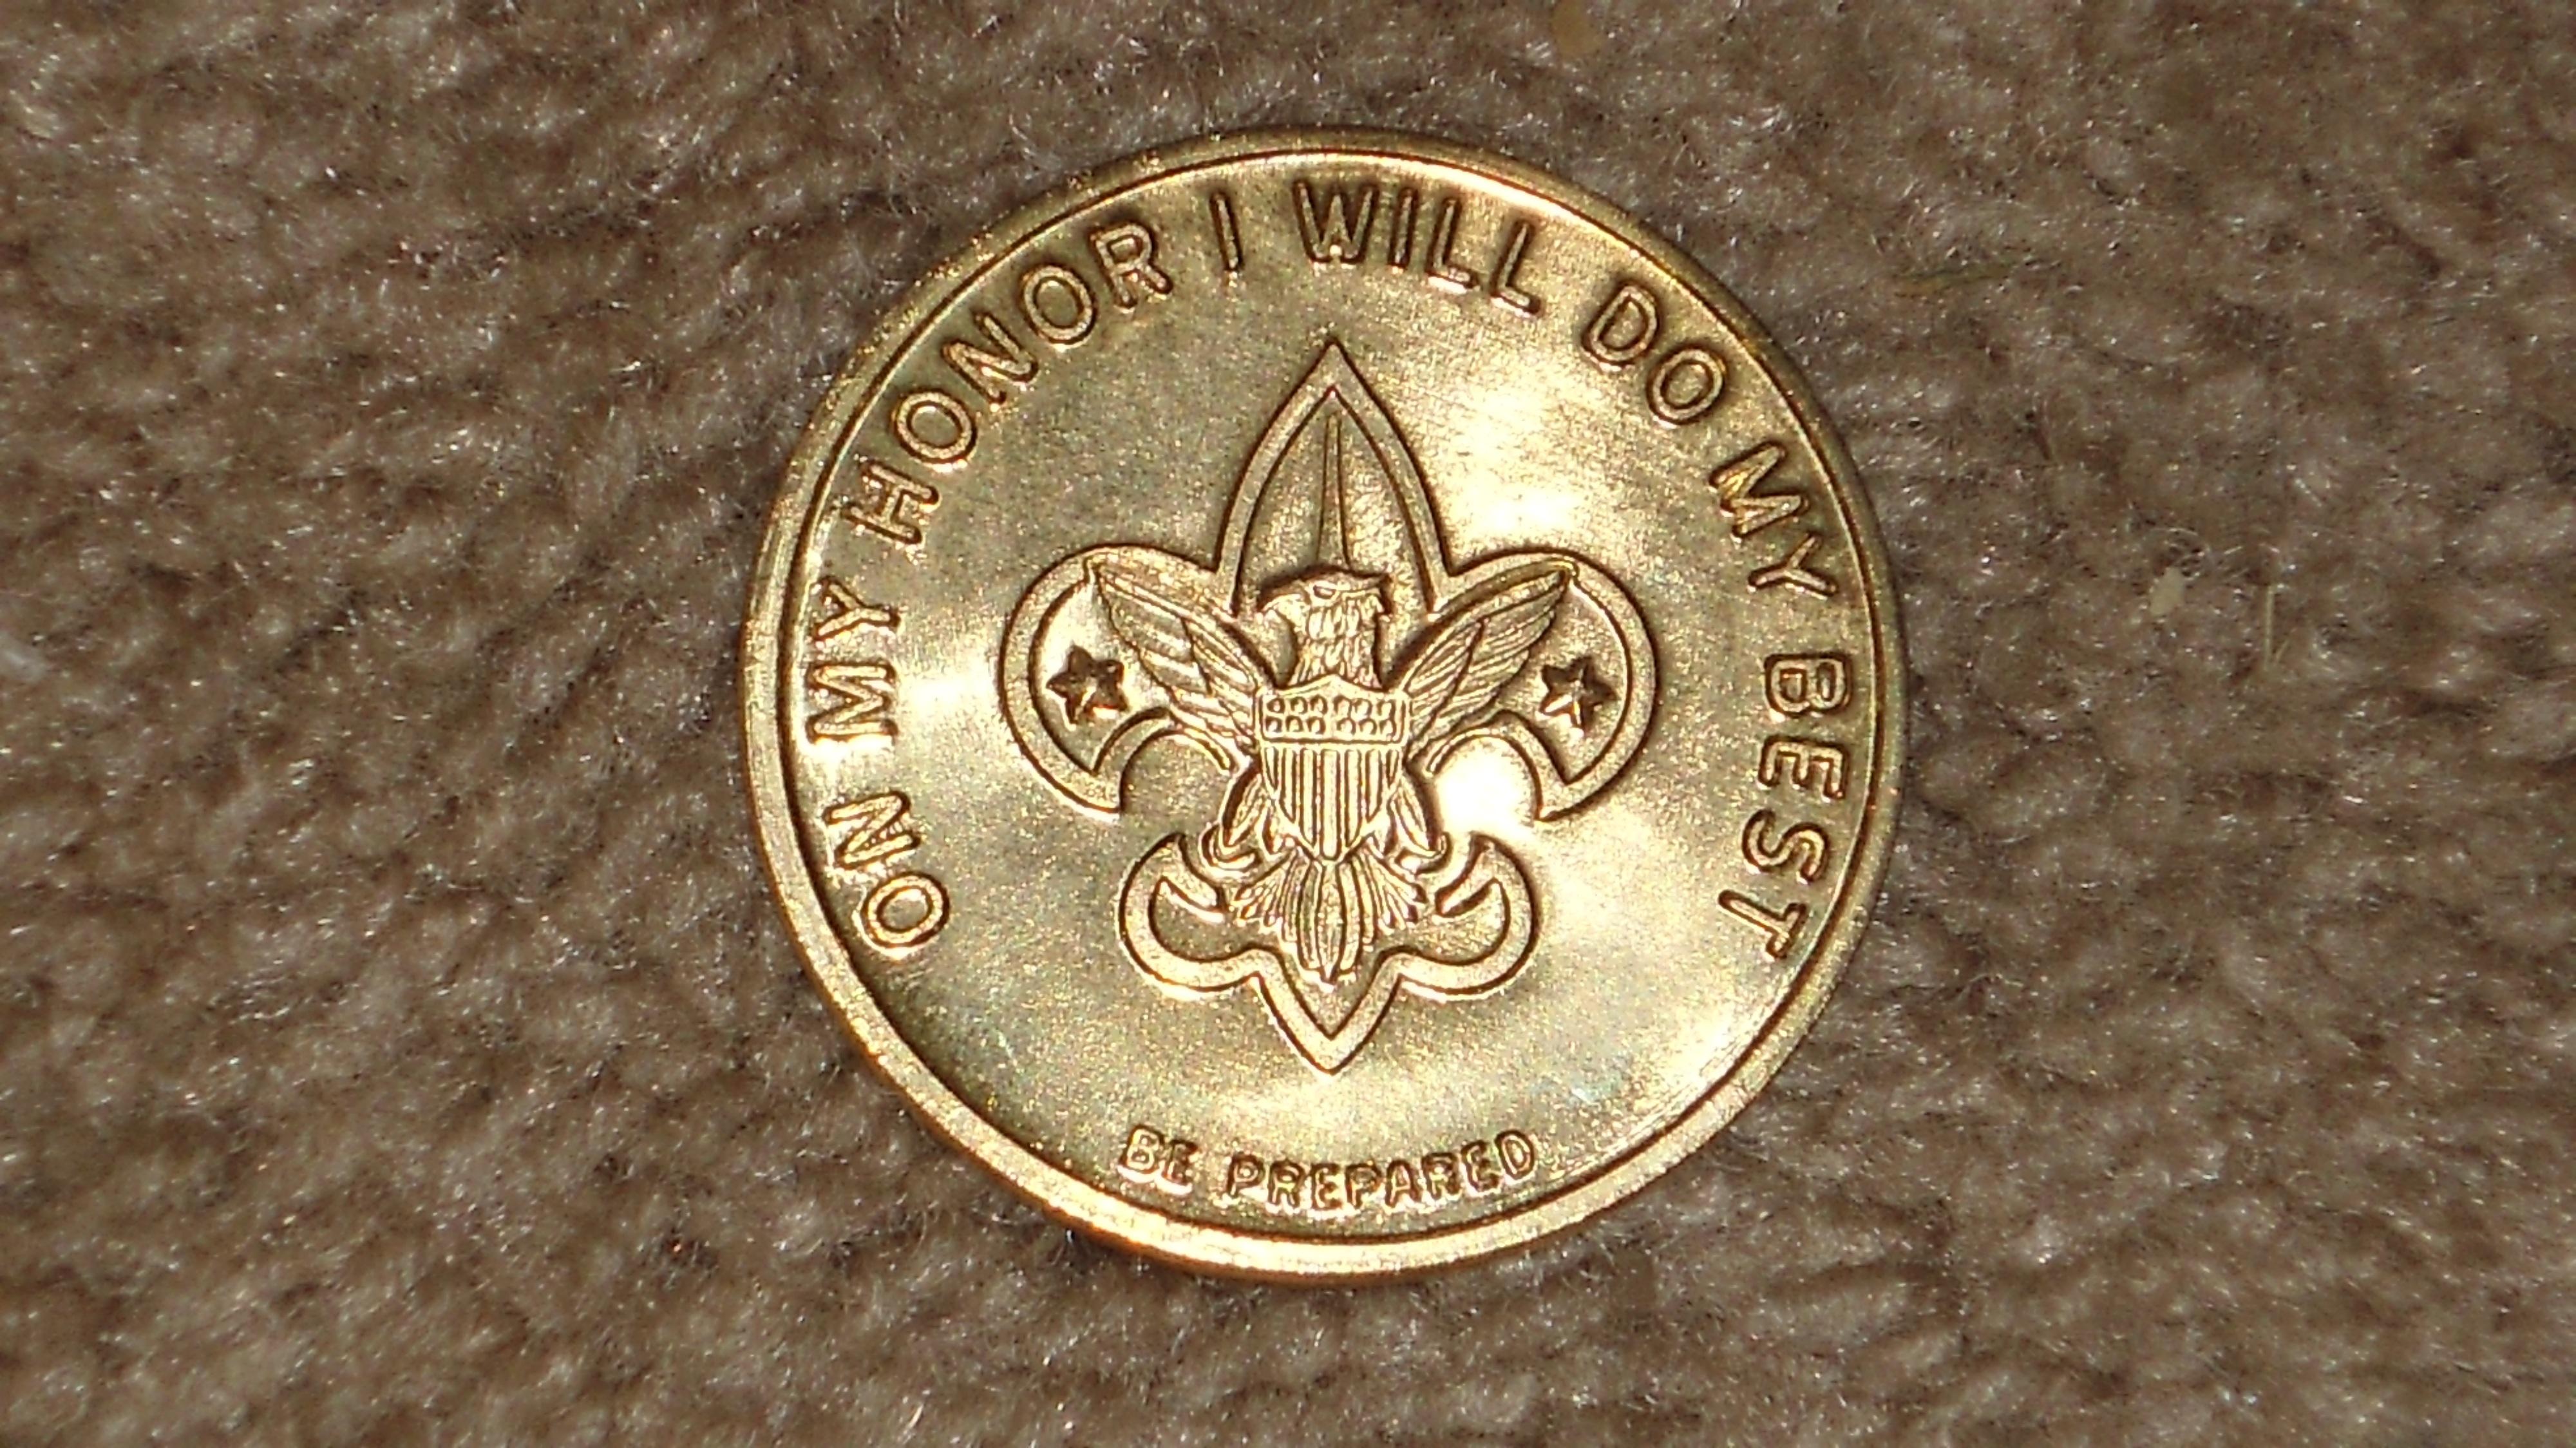 I Soldi Oro Argento Moneta Moneta Medaglia Premio Accessorio Di Moda Scout  Essere Preparato Fare Del